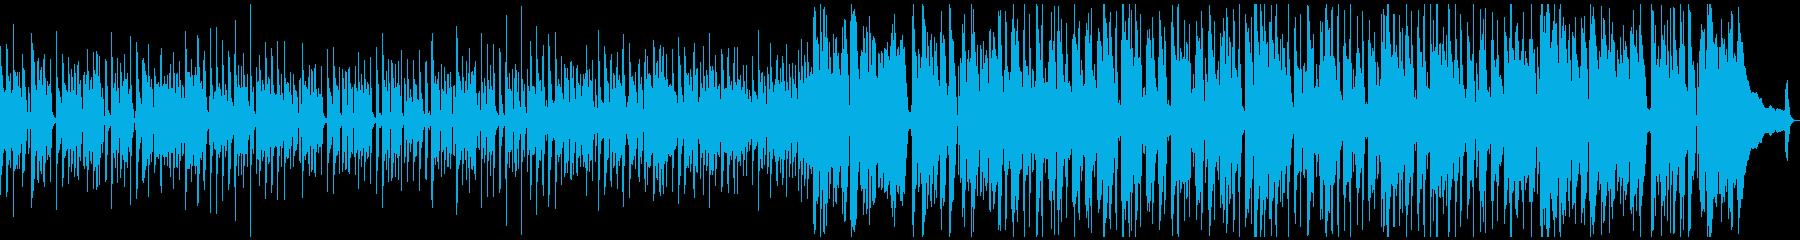 ティーン ポップ ロック カントリ...の再生済みの波形